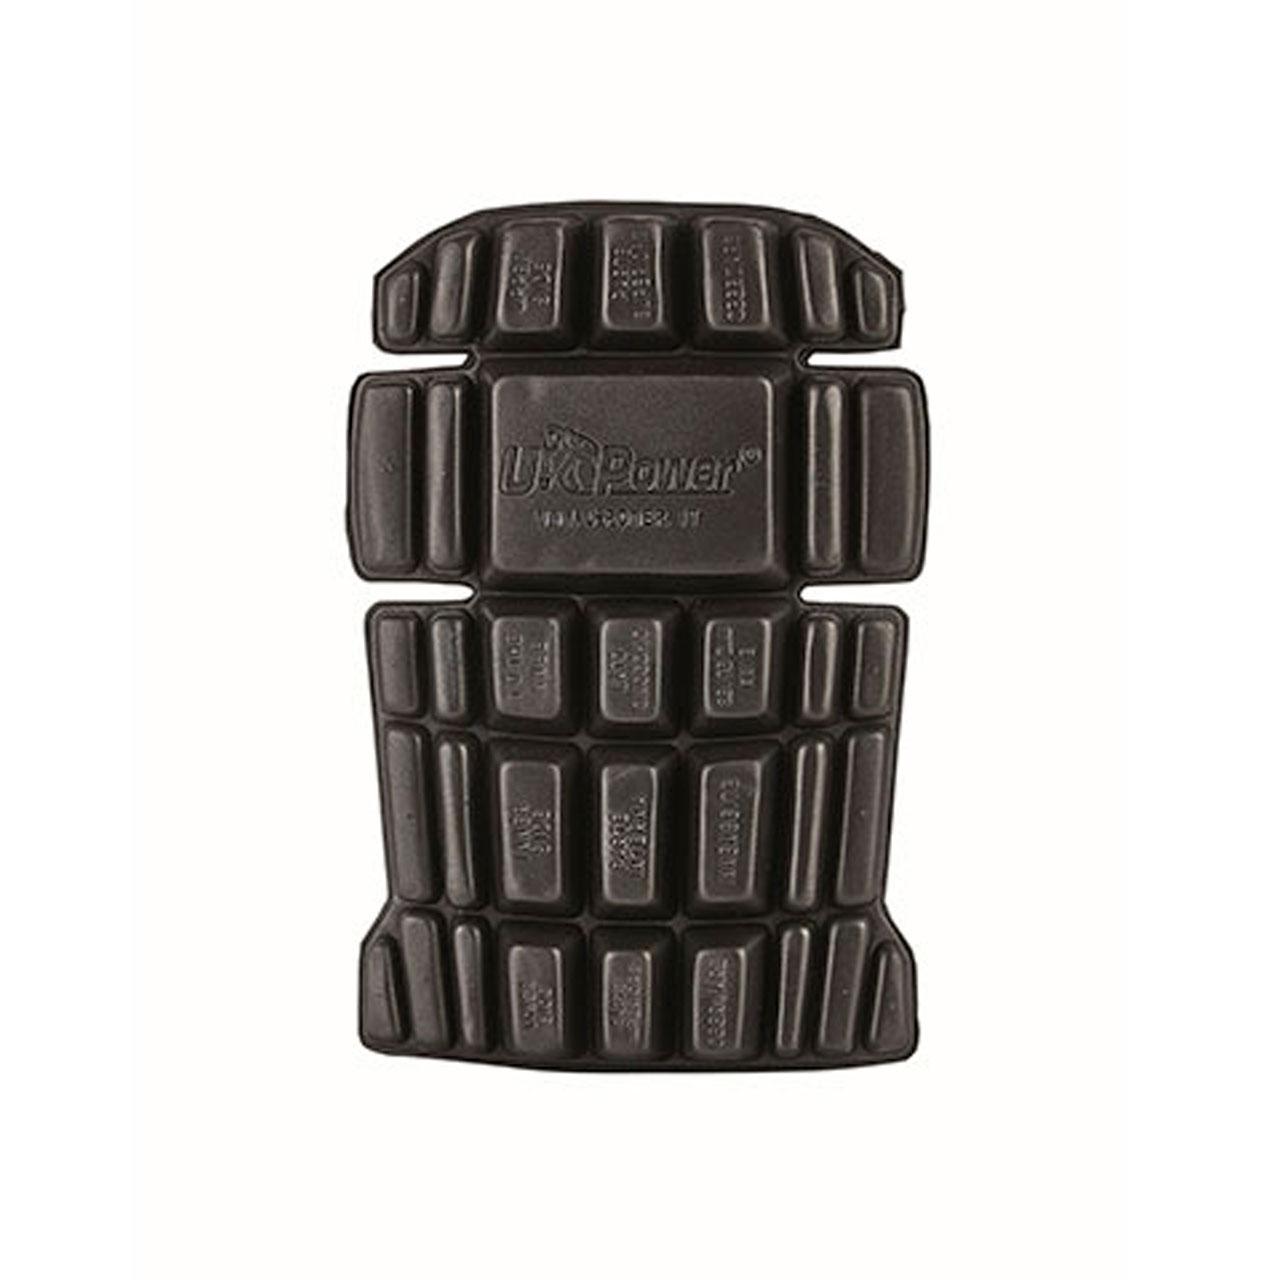 ginocchiere da lavoro upower colore black carbon prodot